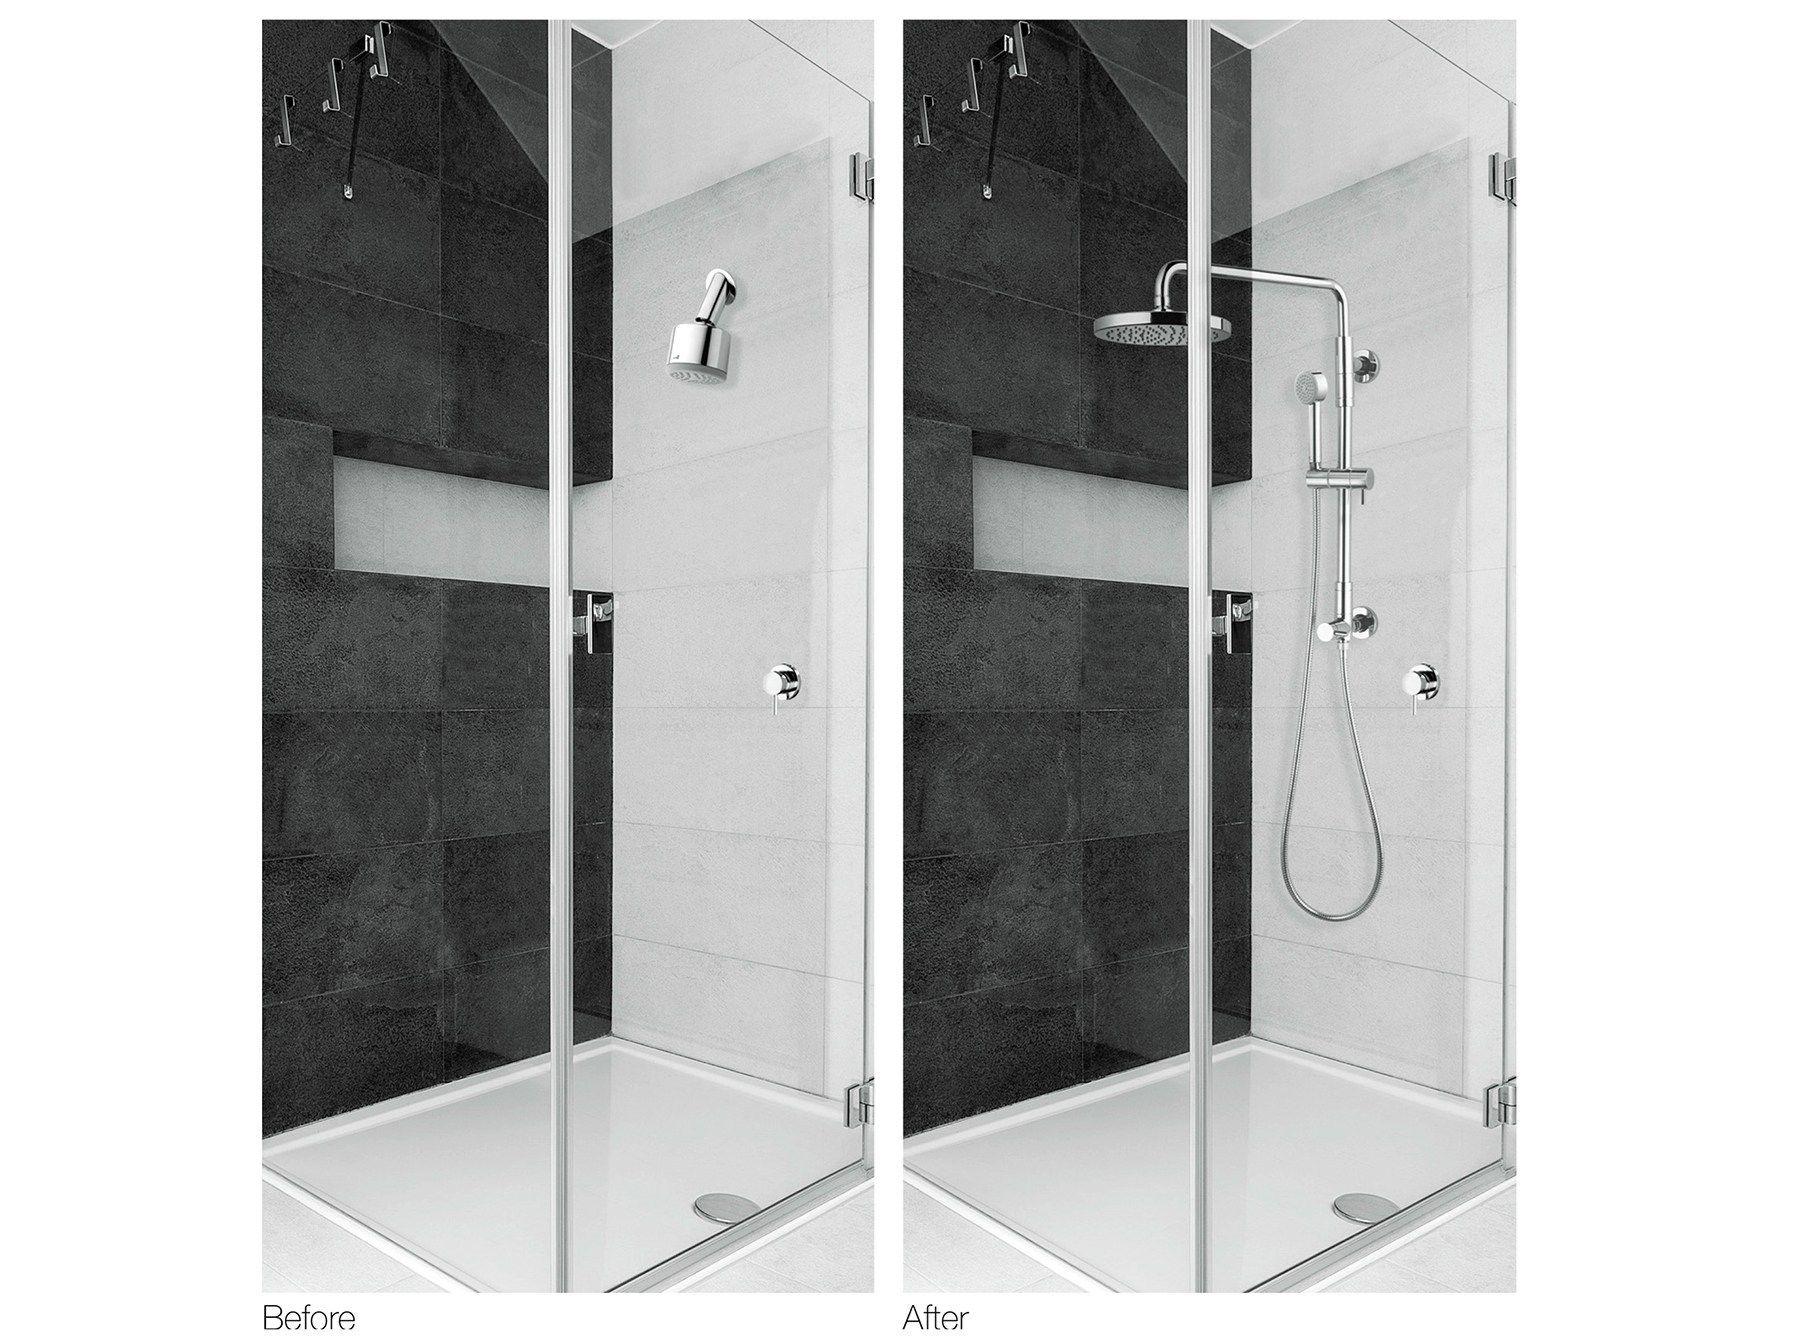 Colonne de douche pour renovation - Avis colonne de douche ...